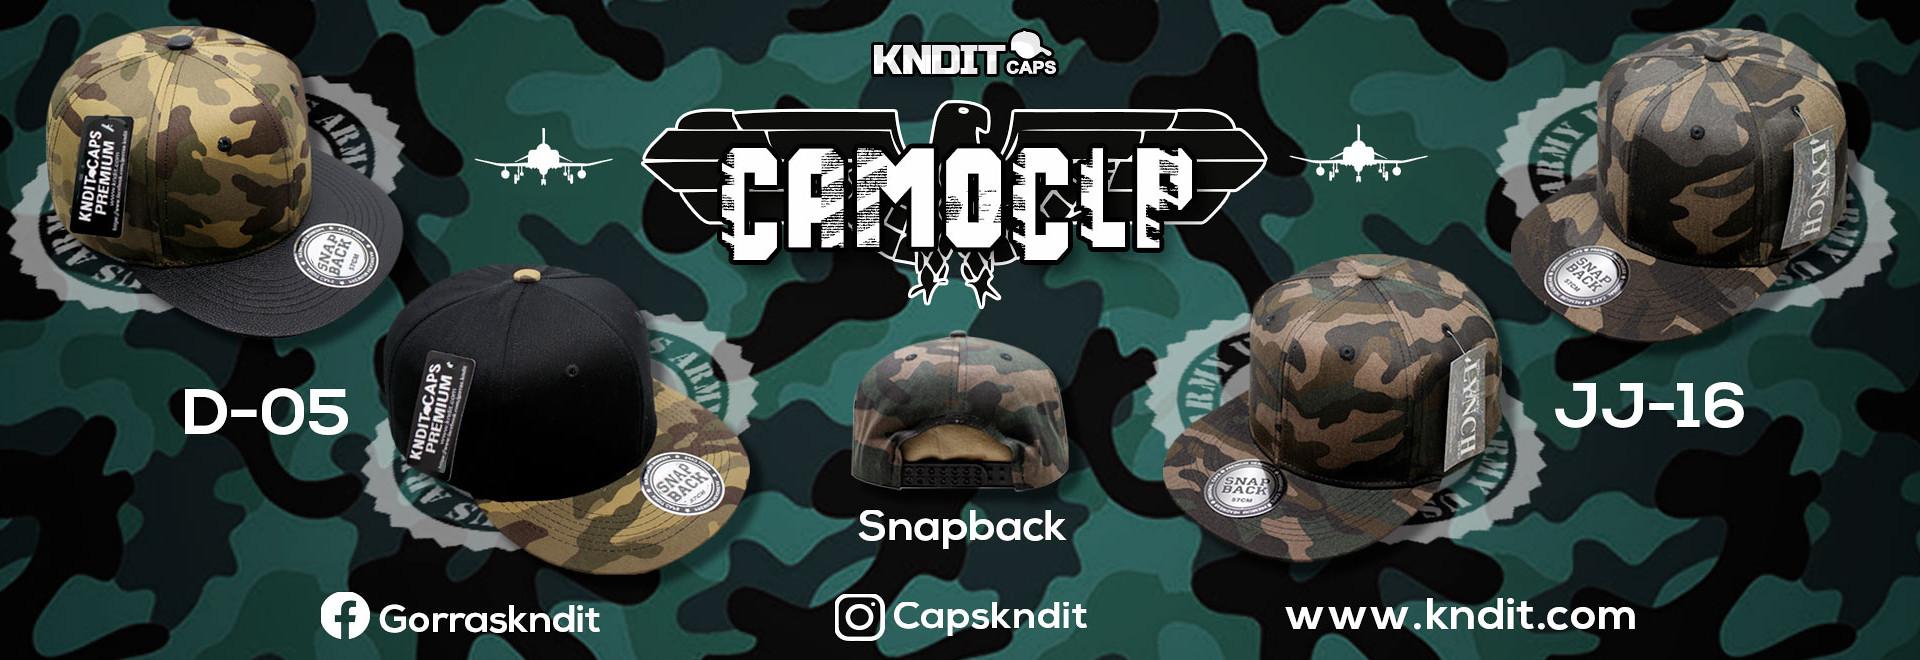 CAMOCLP-WIX.jpg